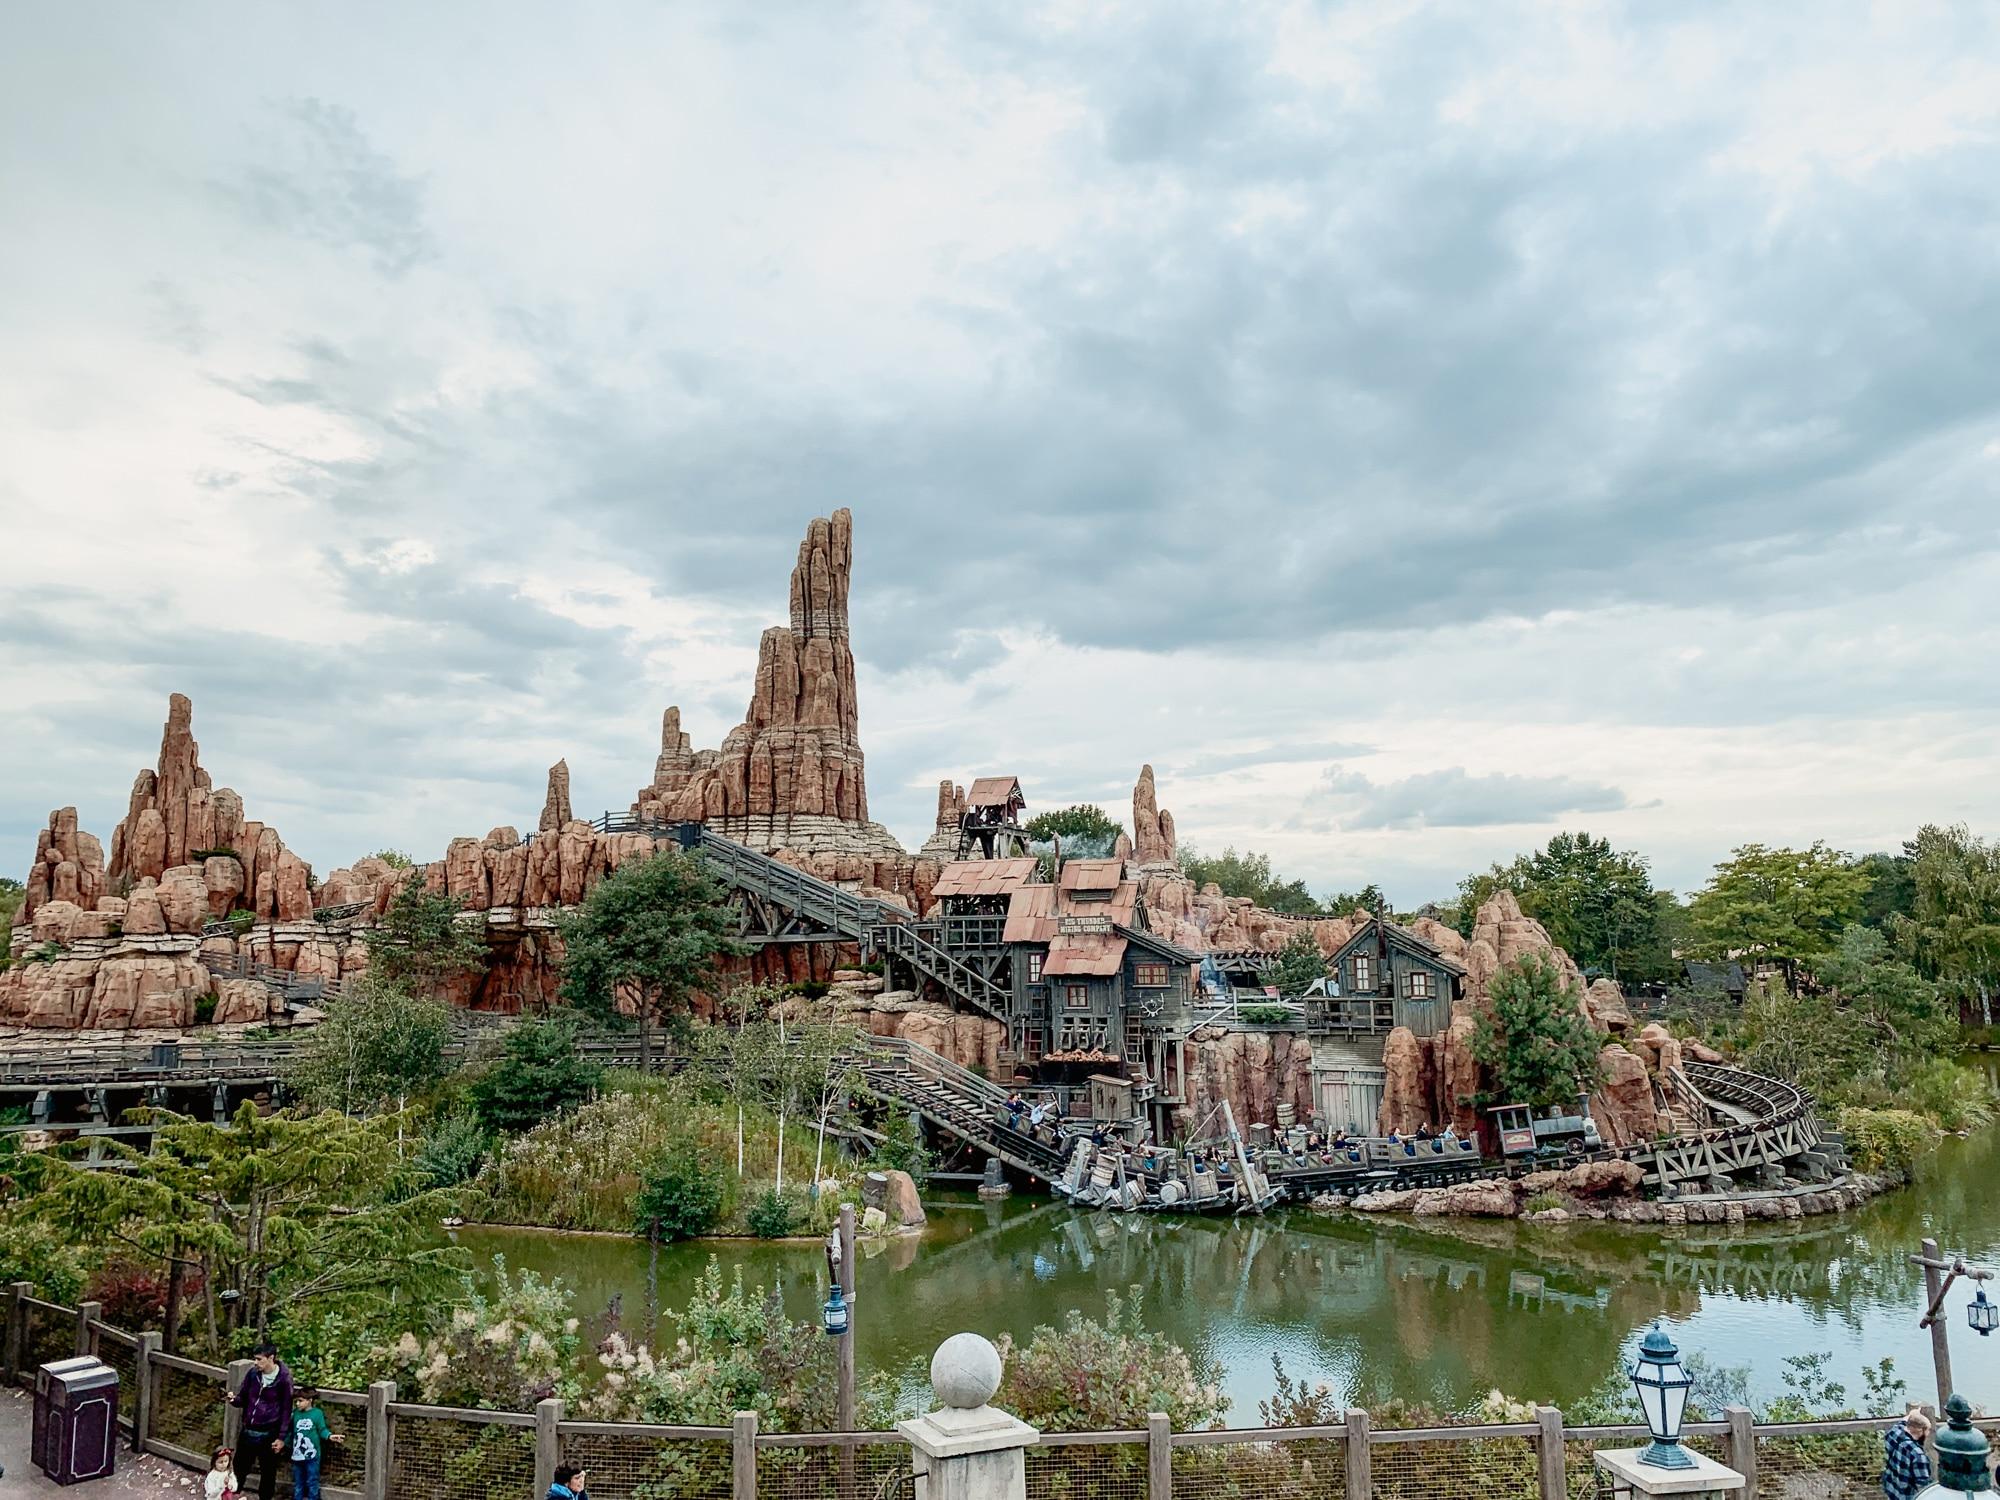 Disneyland Paris Tipps: 10 tolle Hacks für den glücklichsten Ort der Welt - Thunder Mountain Achterbahn